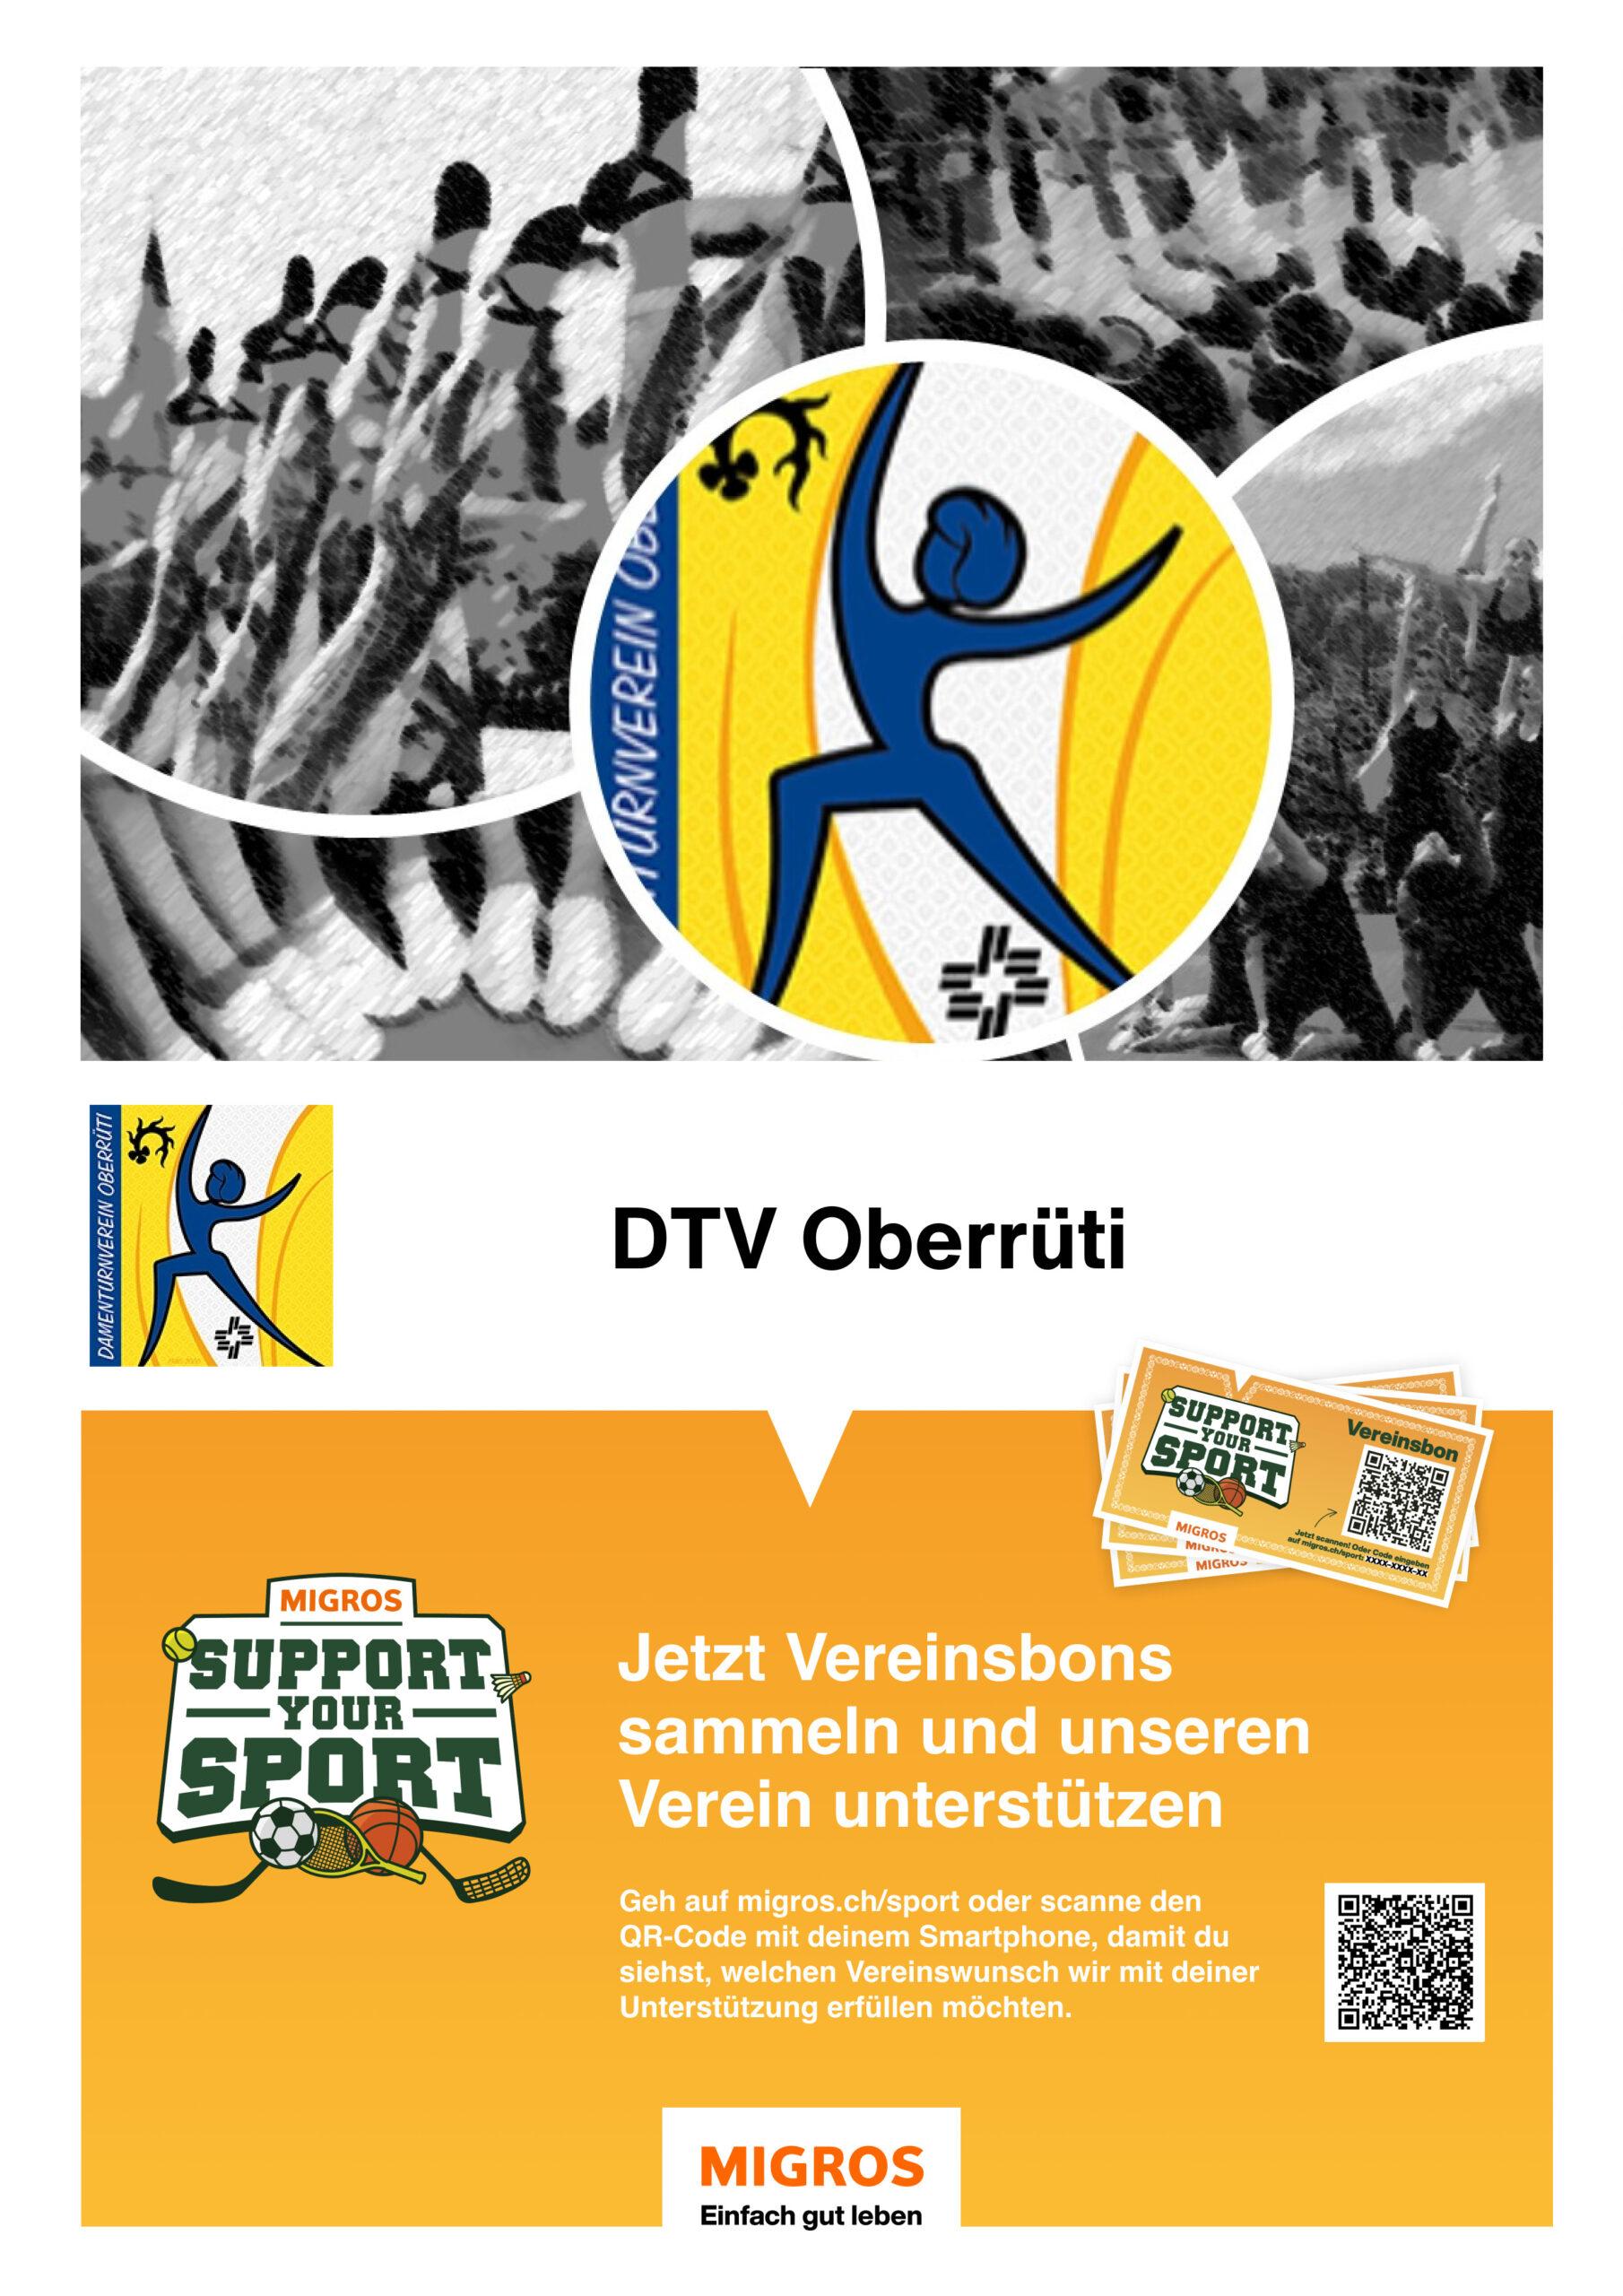 Unterstütze Uns Bei Migros Support Your Sport!